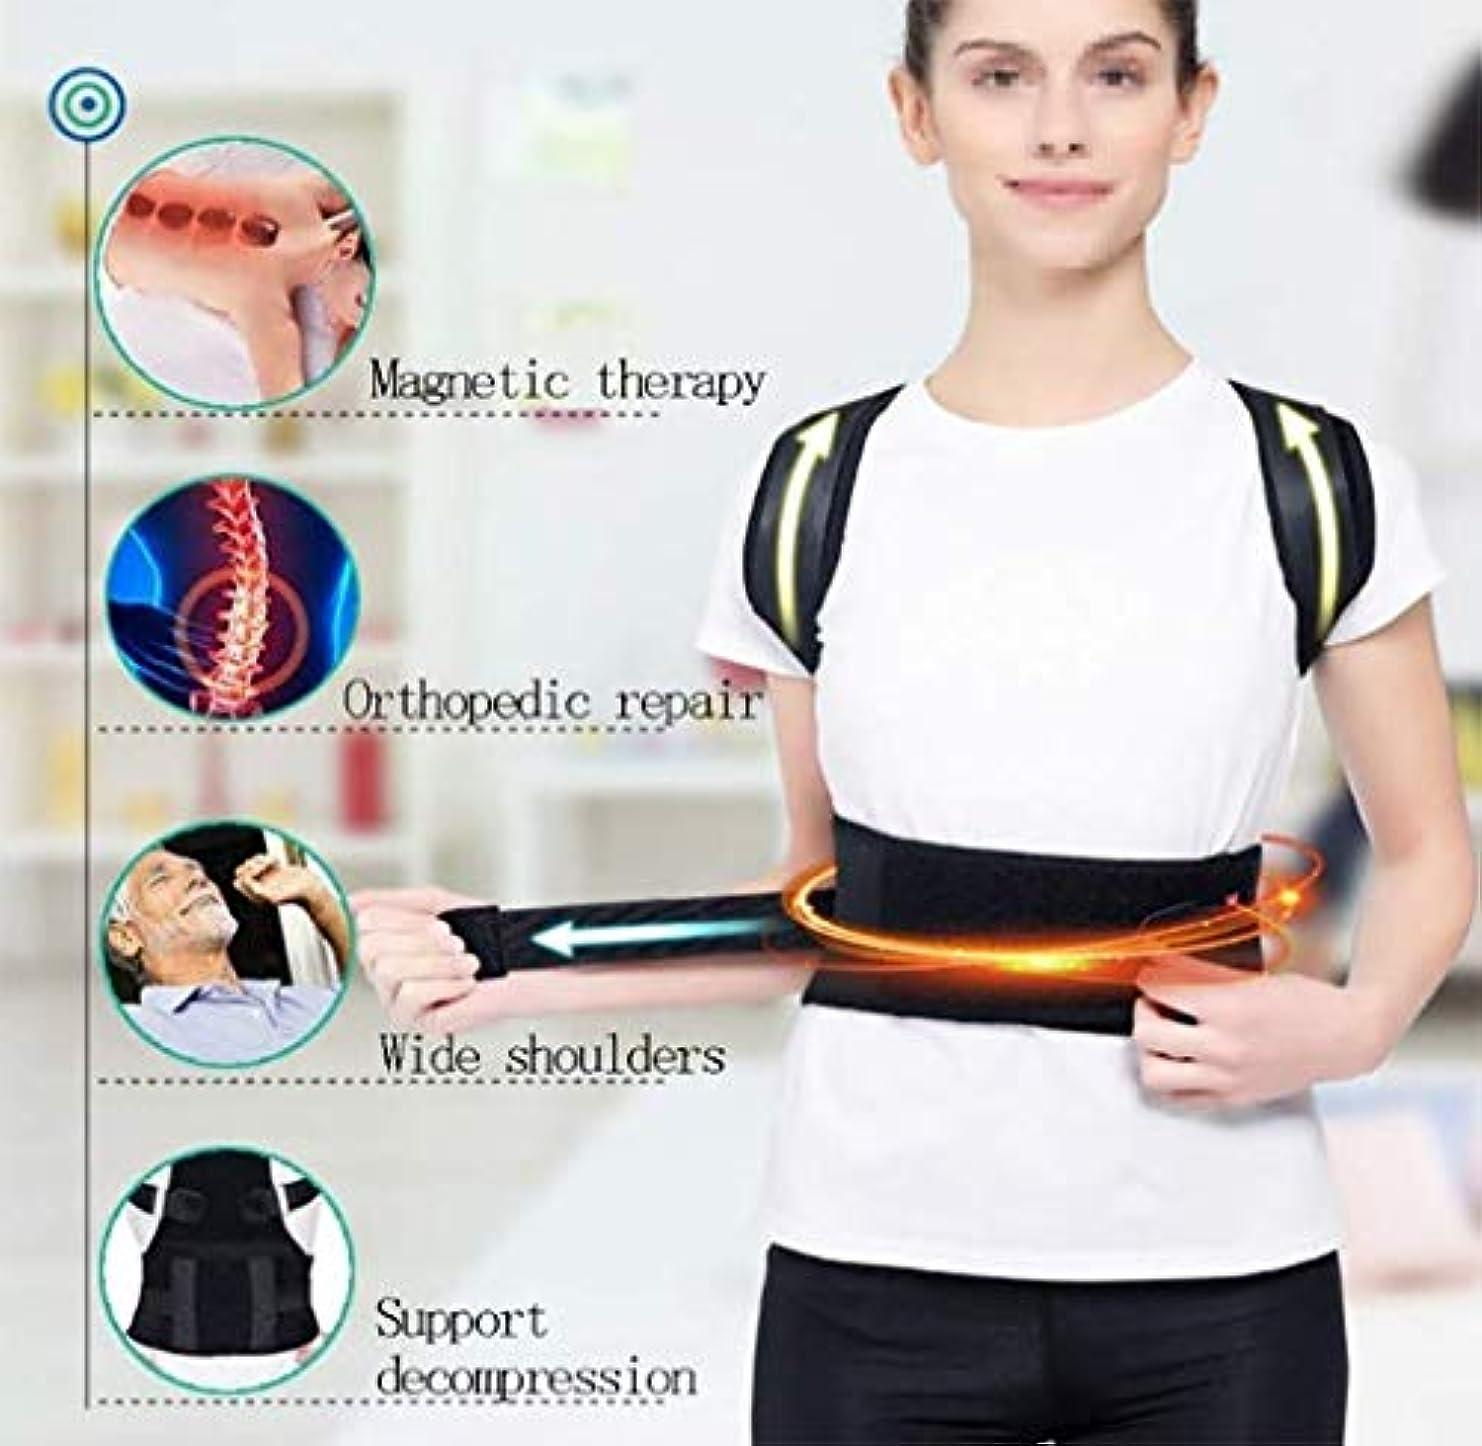 槍サイレン関与する背中のサポート、正しい姿勢、悪い姿勢の改善、気質の改善、痛みの緩和、ハンチバックの防止、休息/仕事/スポーツに適しています (Color : S)